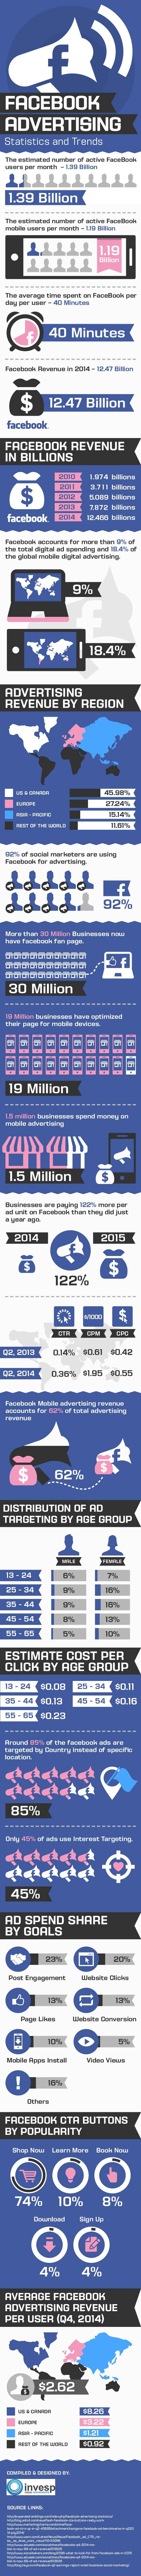 Facebook Advertising Numbers 2015